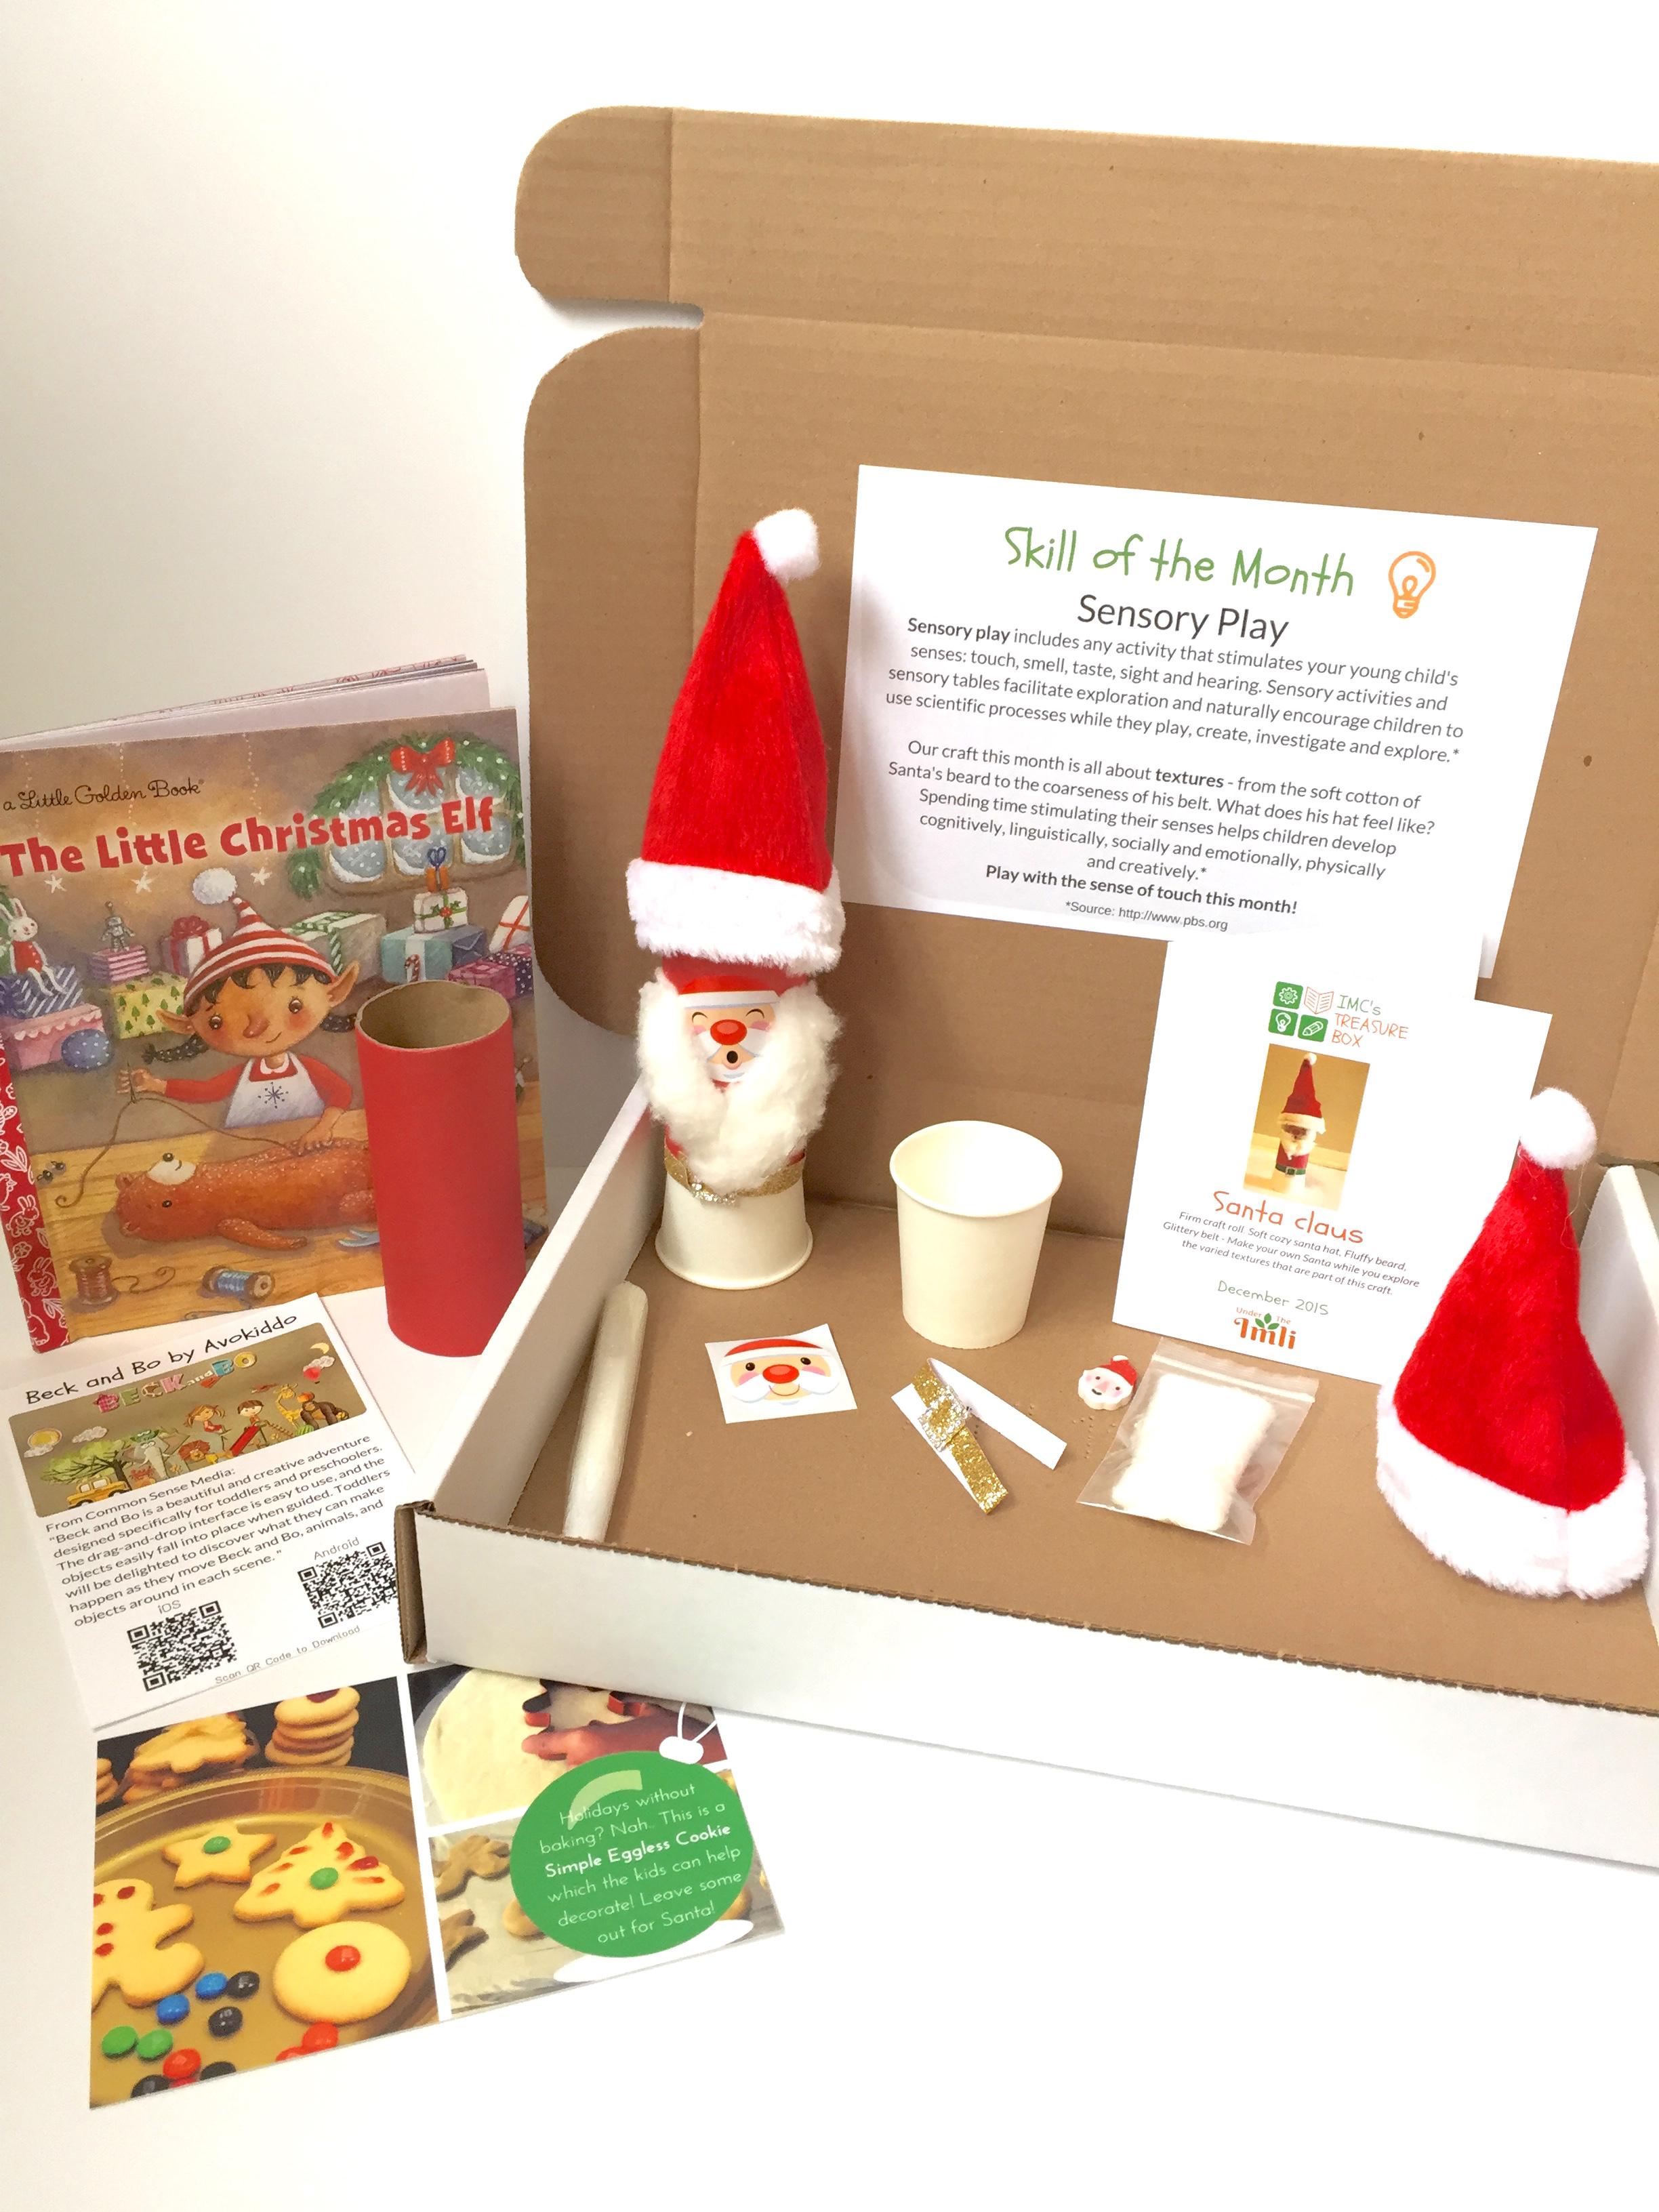 IMC's Treasure Box December Imli Box